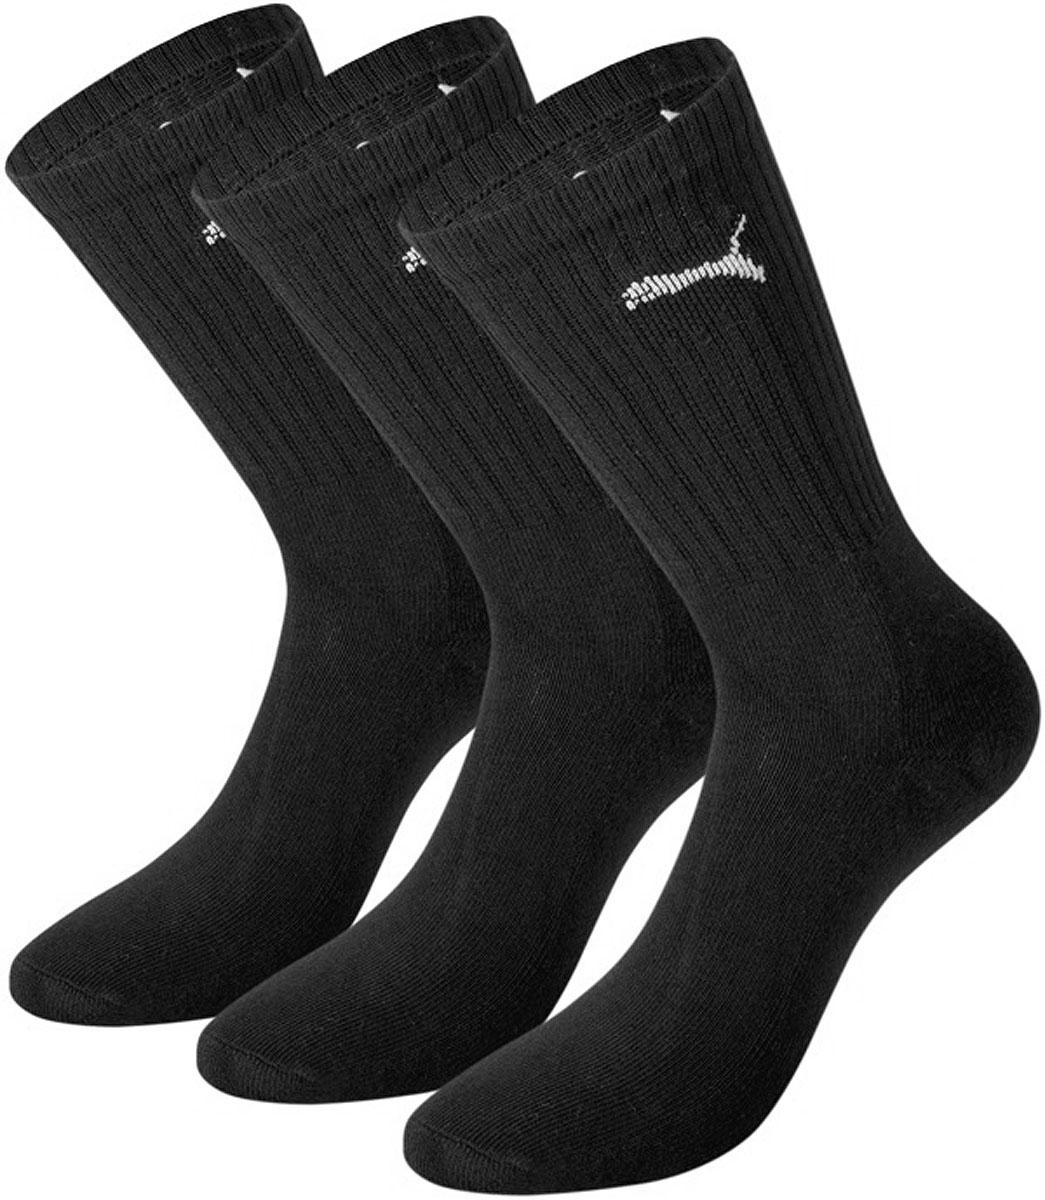 Носки мужские Puma Sport, цвет: черный, 3 пары. 88035501. Размер 47/49 носки мужские puma sport цвет черный 3 пары 88035501 размер 47 49